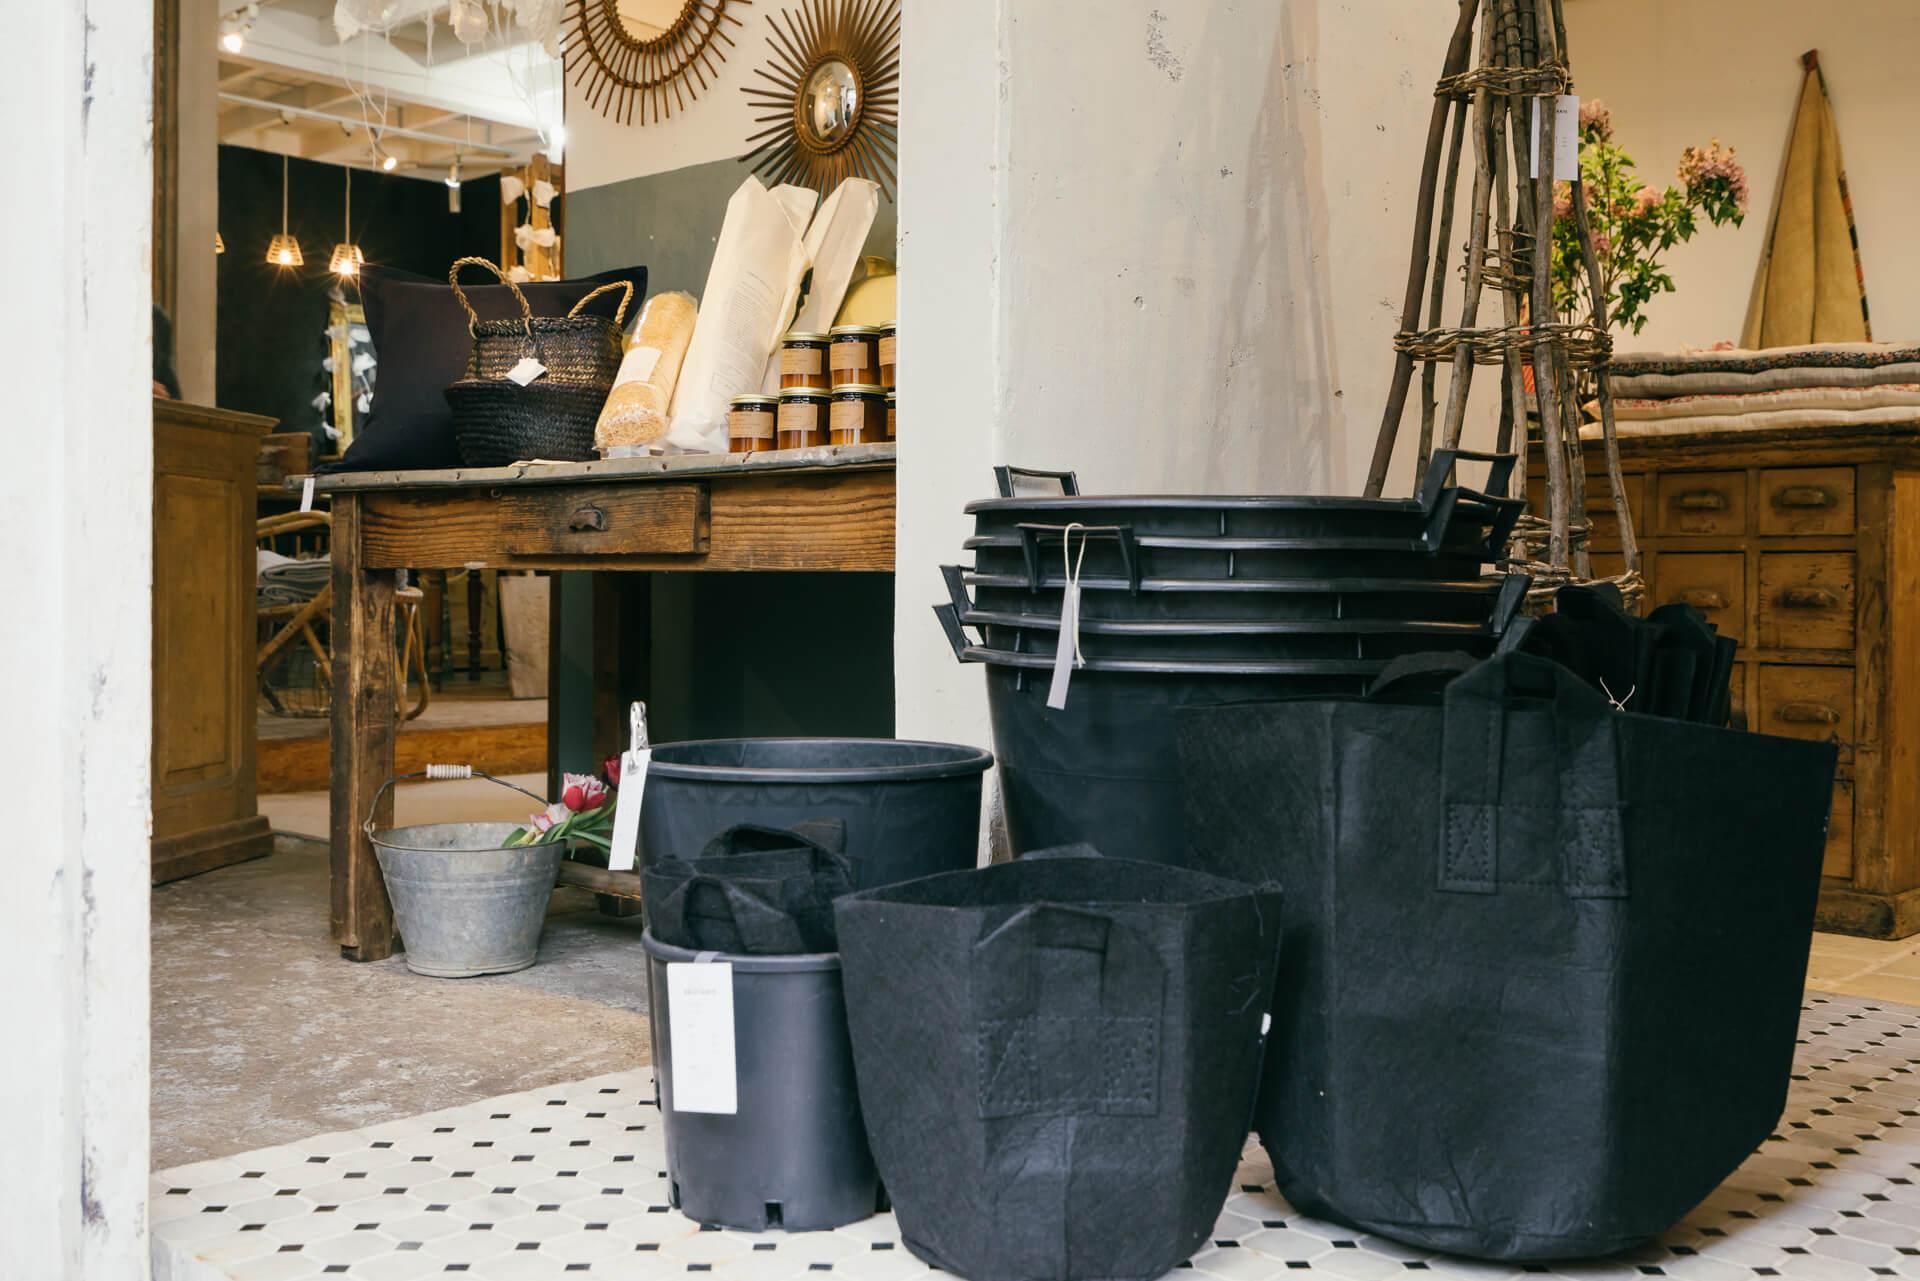 不織布のバッグはそのまま土を入れて植木鉢になるもの(S270円、M368円)。軽くて手頃な価格も嬉しいプラスチックの植木鉢(S648円、L1296円)などのガーデングッズは人気で、最近増やしているとのこと。